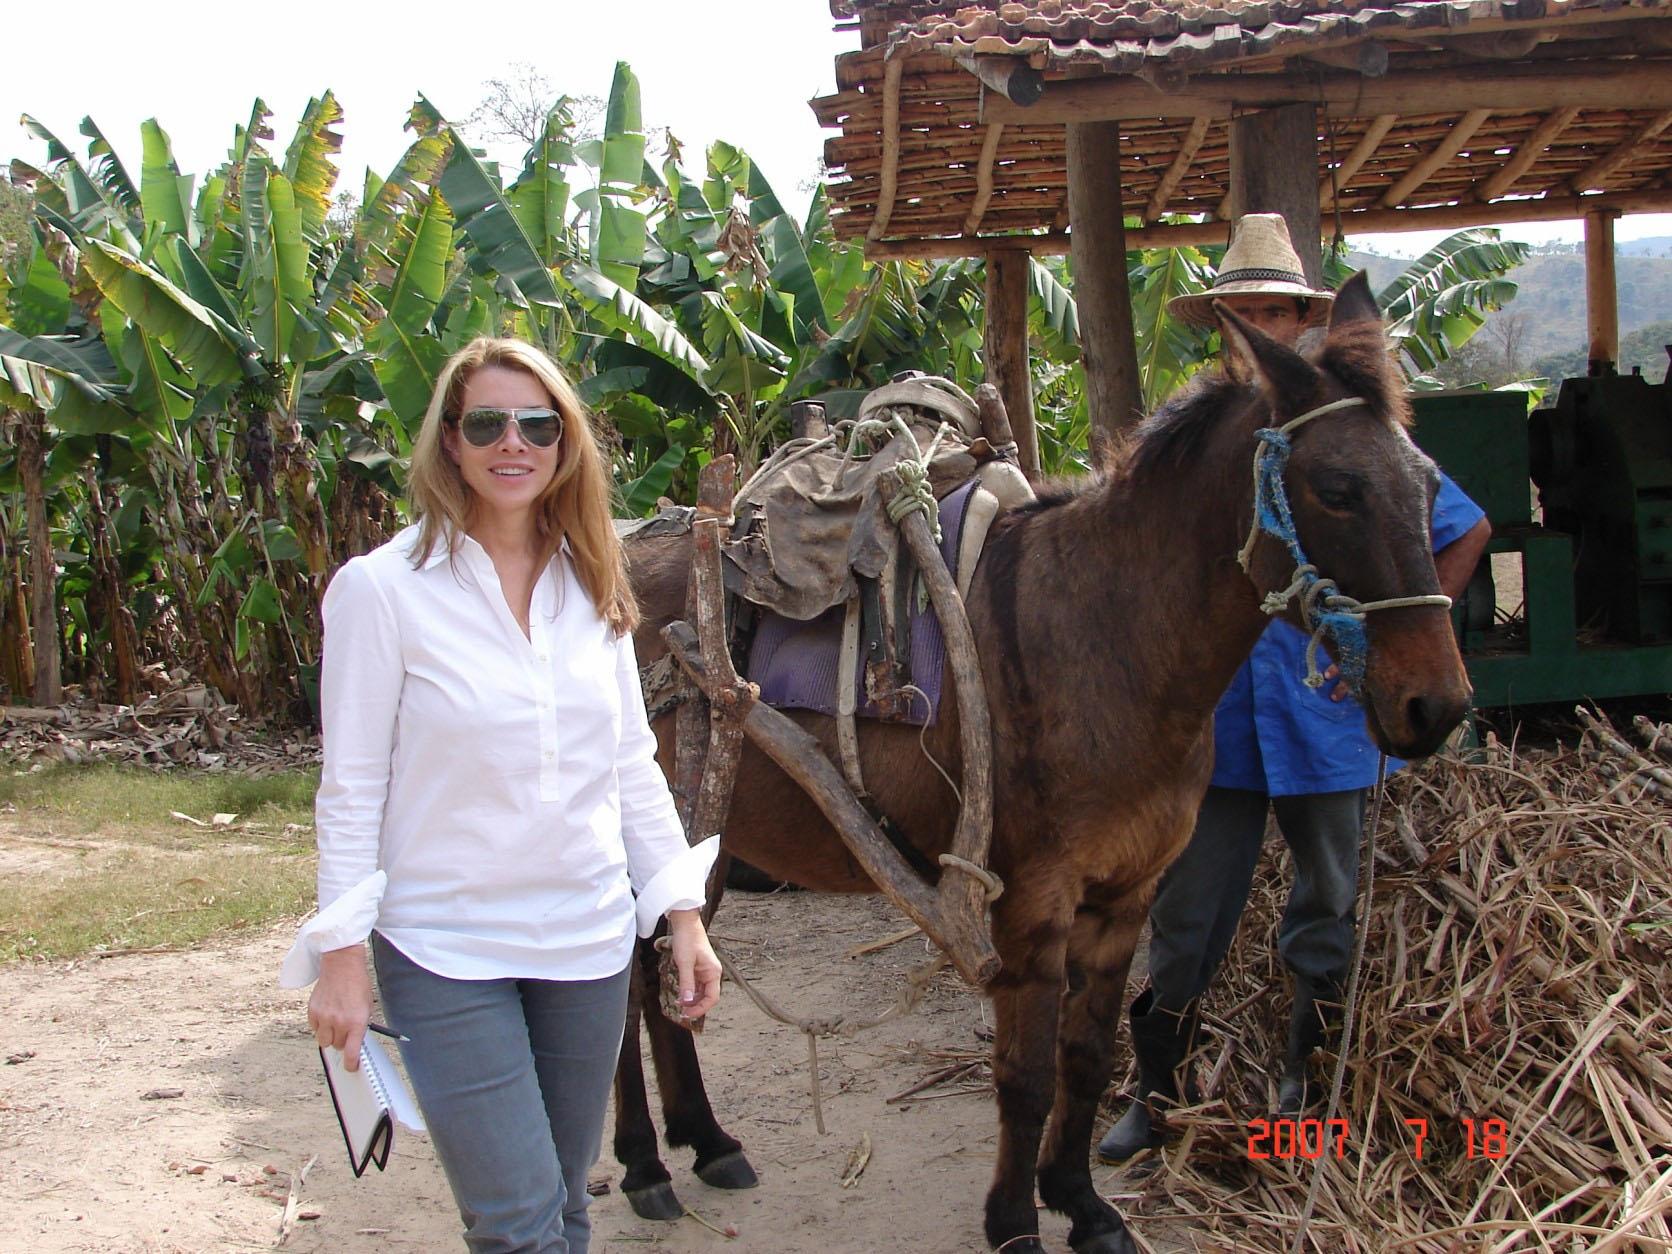 Brazil-Mission-Trip-07-13-2007-410